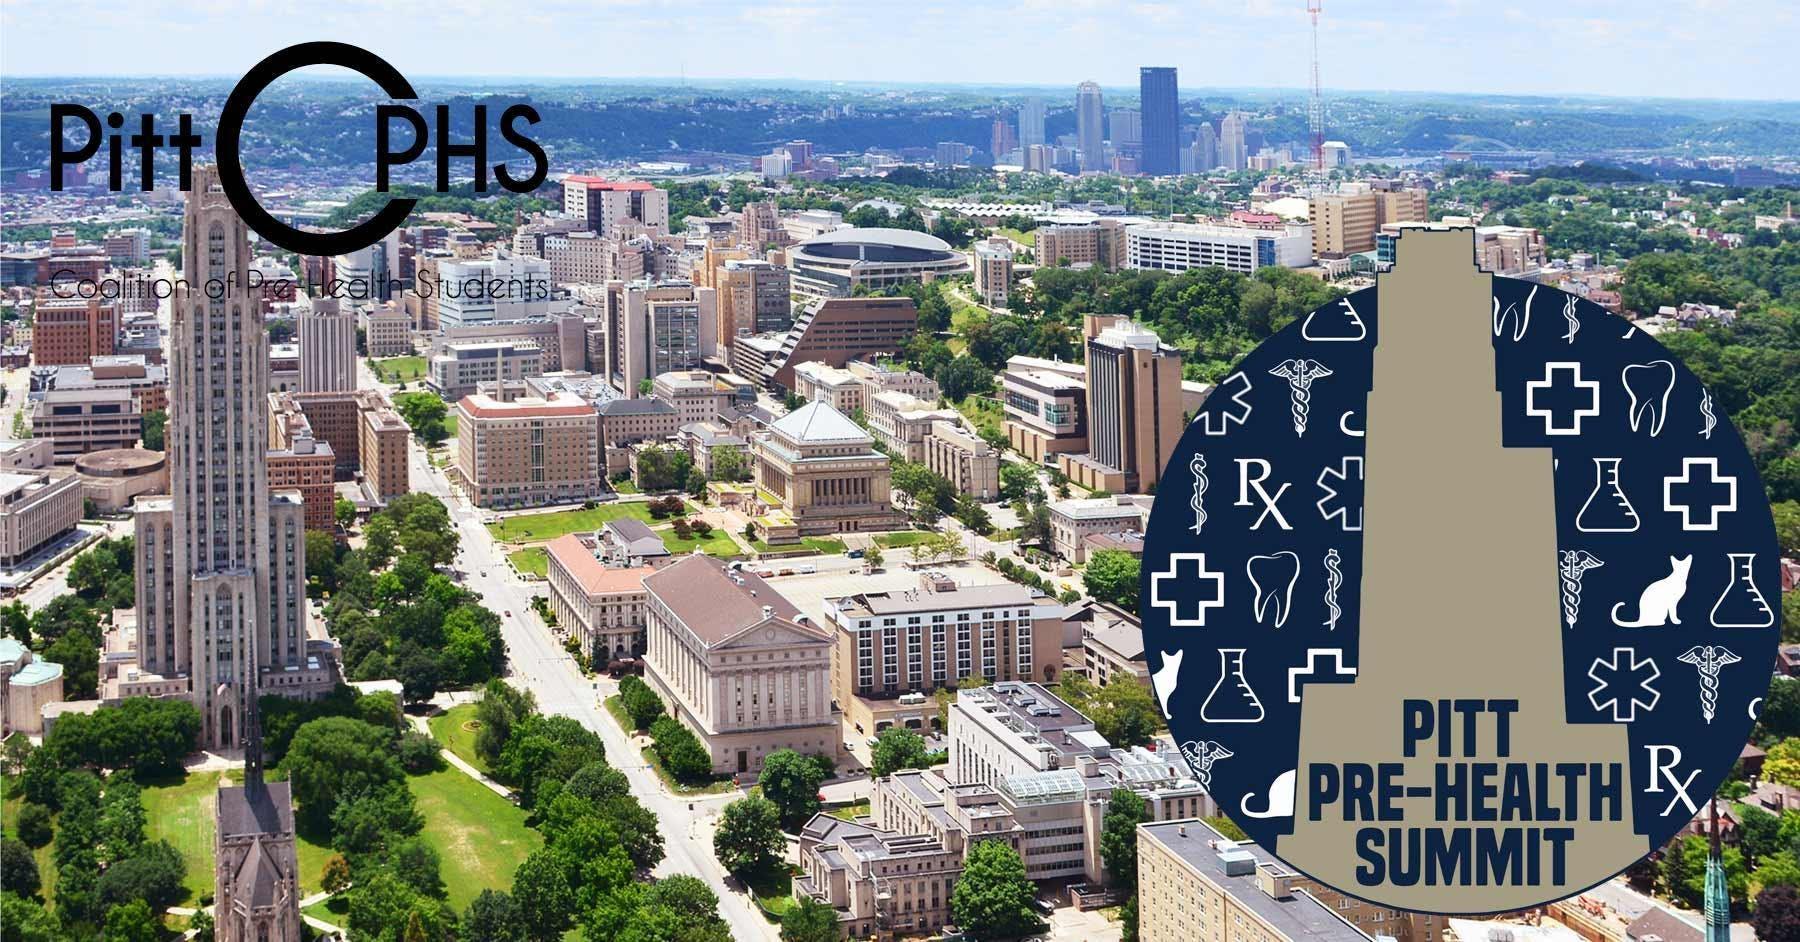 Third Annual Pitt Pre-Health Summit